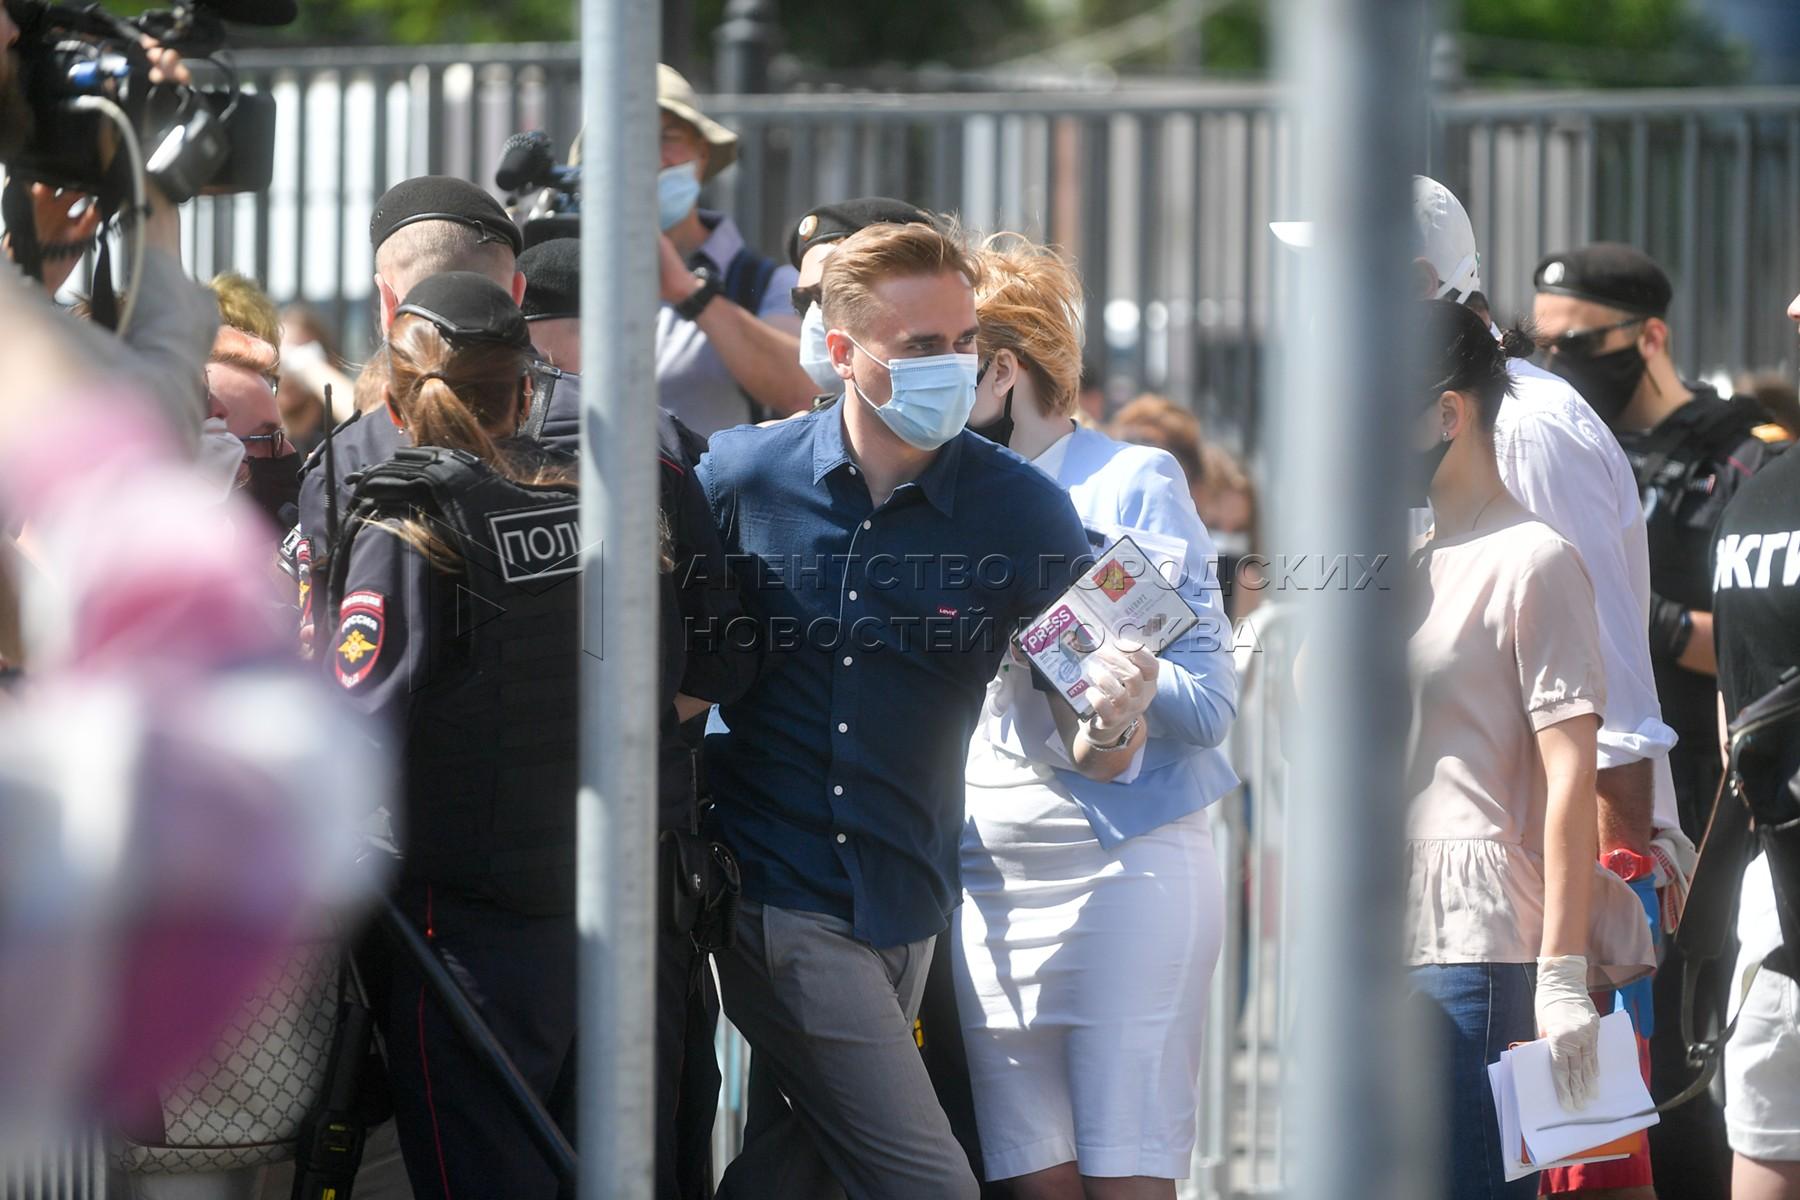 Обстановка около Мещанского суда Москвы во время оглашения приговора Кириллу Серебренникову по уголовному делу о хищении бюджетных средств, выделенных автономной некоммерческой организации «Седьмая студия».